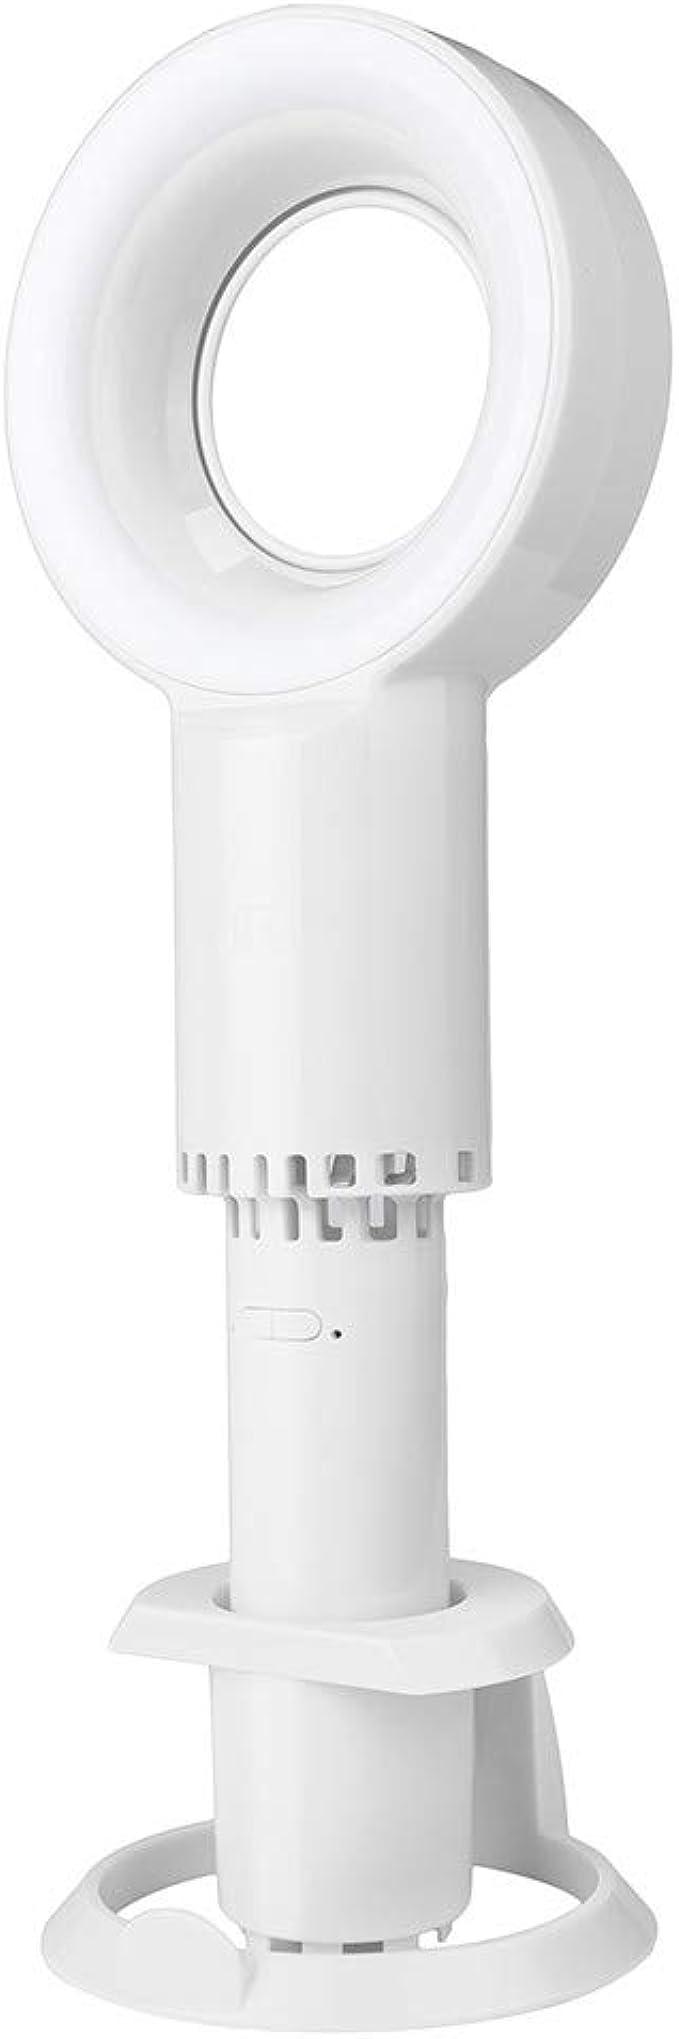 JiaMeng Ventilador de Mesa Pequeño Portátil y Silencioso Mini Ventilador de Escritorio sin Aire de enfriamiento del purificador de la Torre del purificador del Aire Acondicionado del USB con: Amazon.es: Ropa y